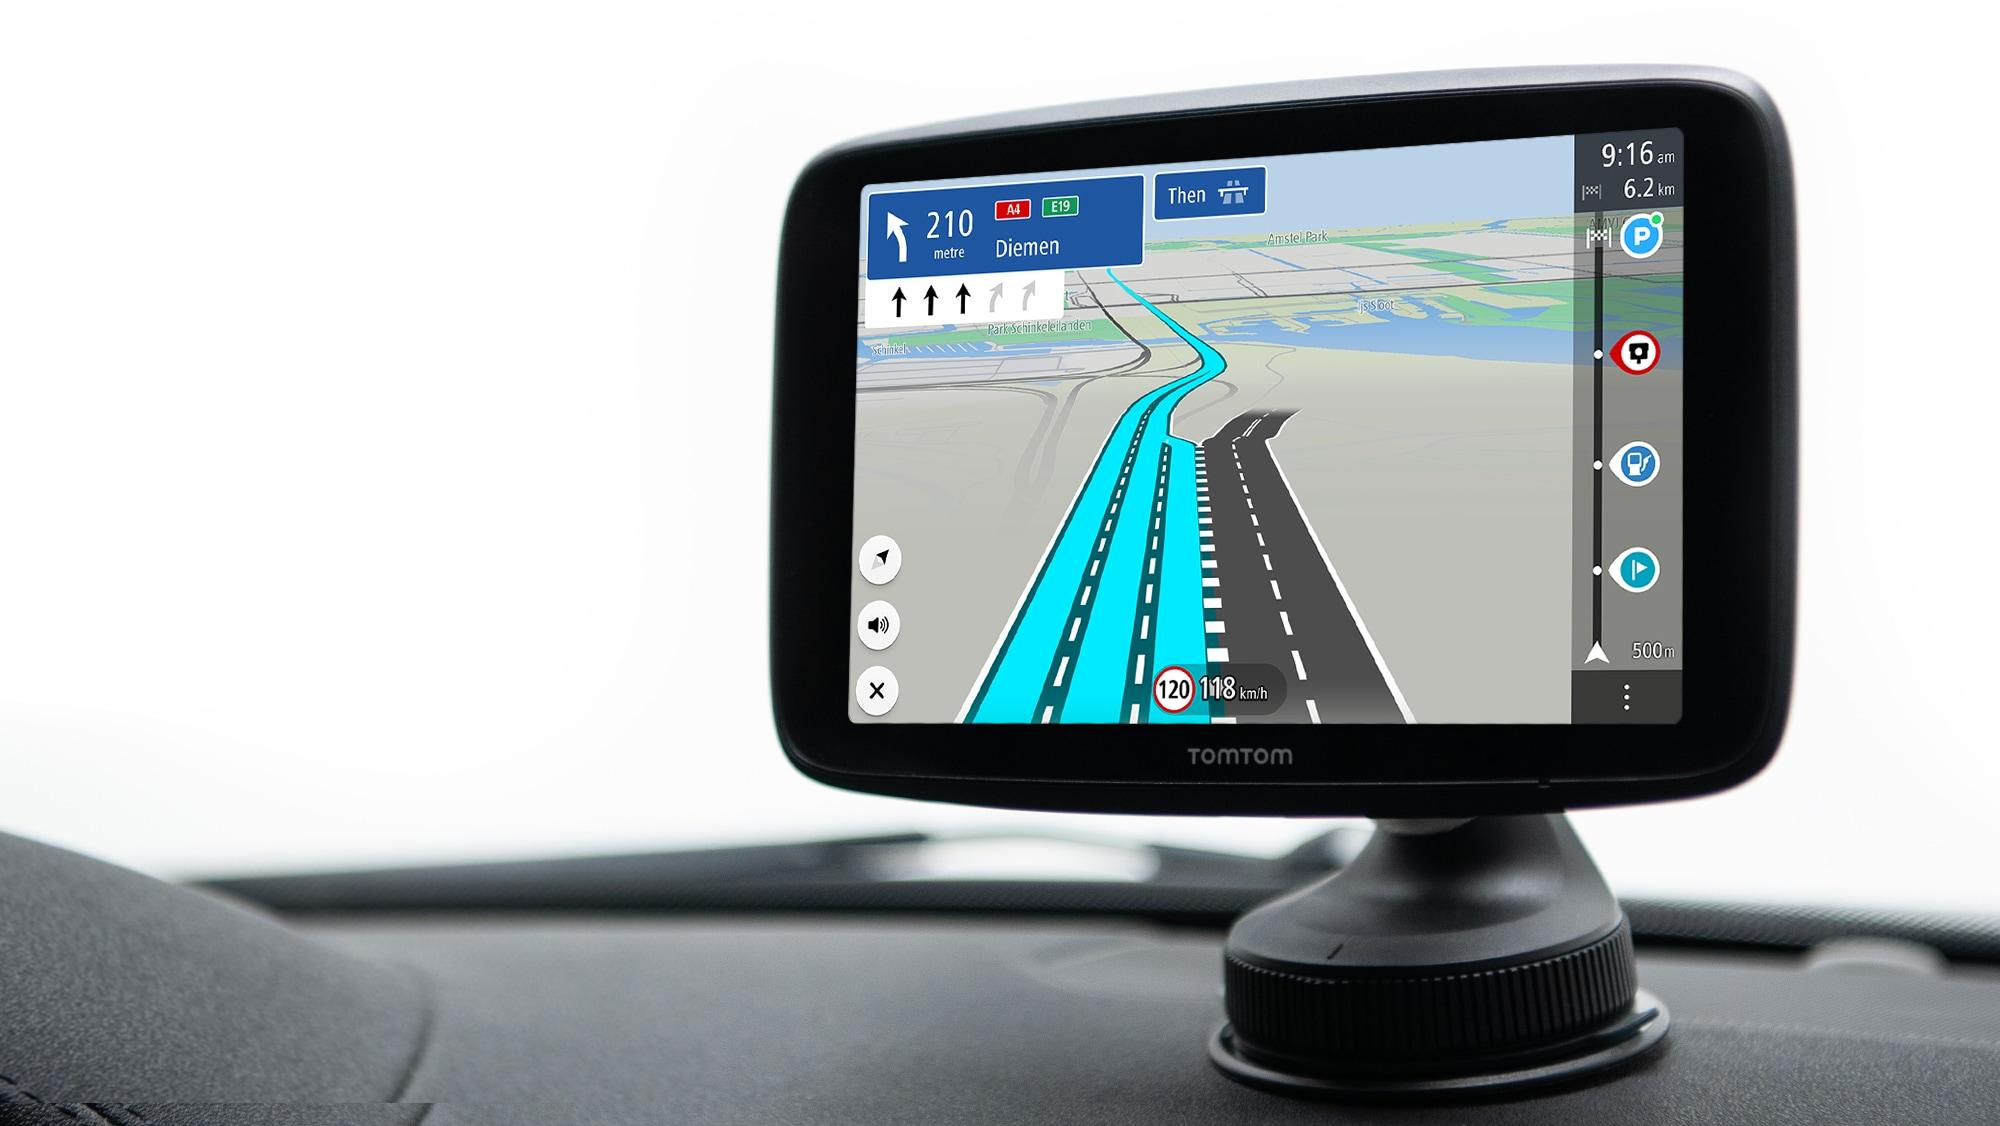 La gamme TomTom GO, avec un écran tactile plus évolué et plus lumineux, offre une vue claire du trajet